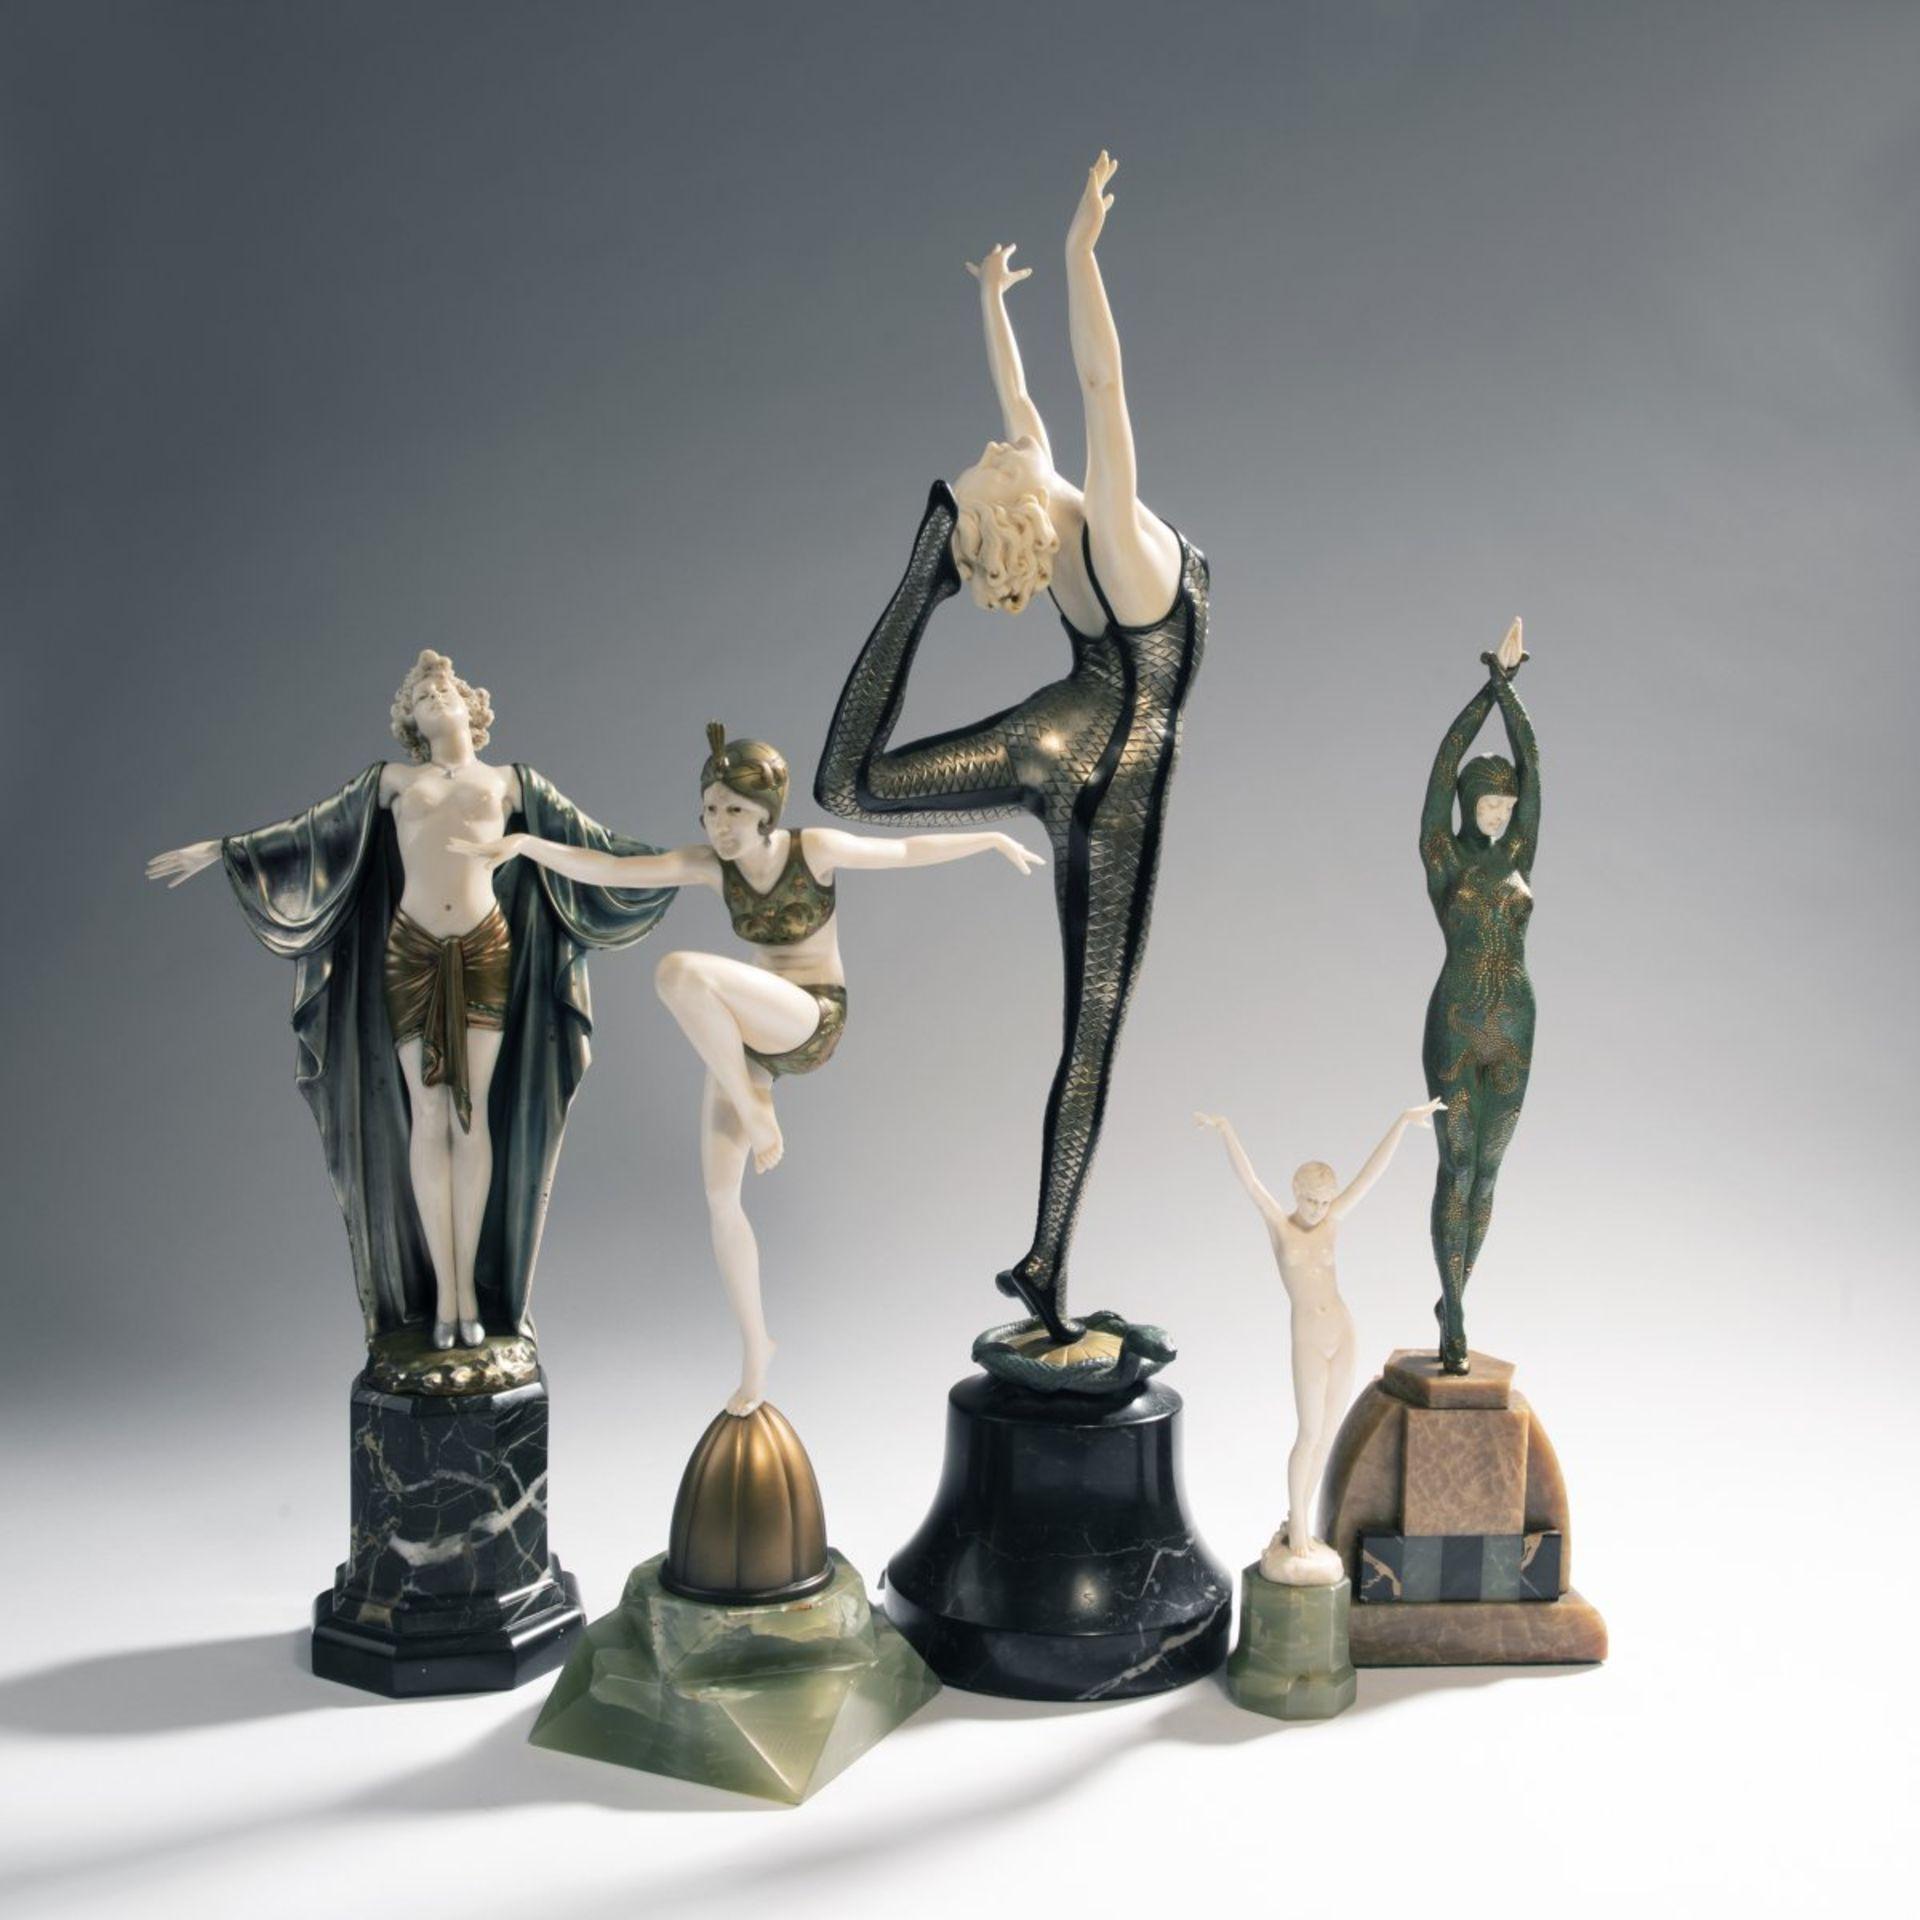 Ferdinand Preiss, 'Extase', nach 1913 - Bild 6 aus 6